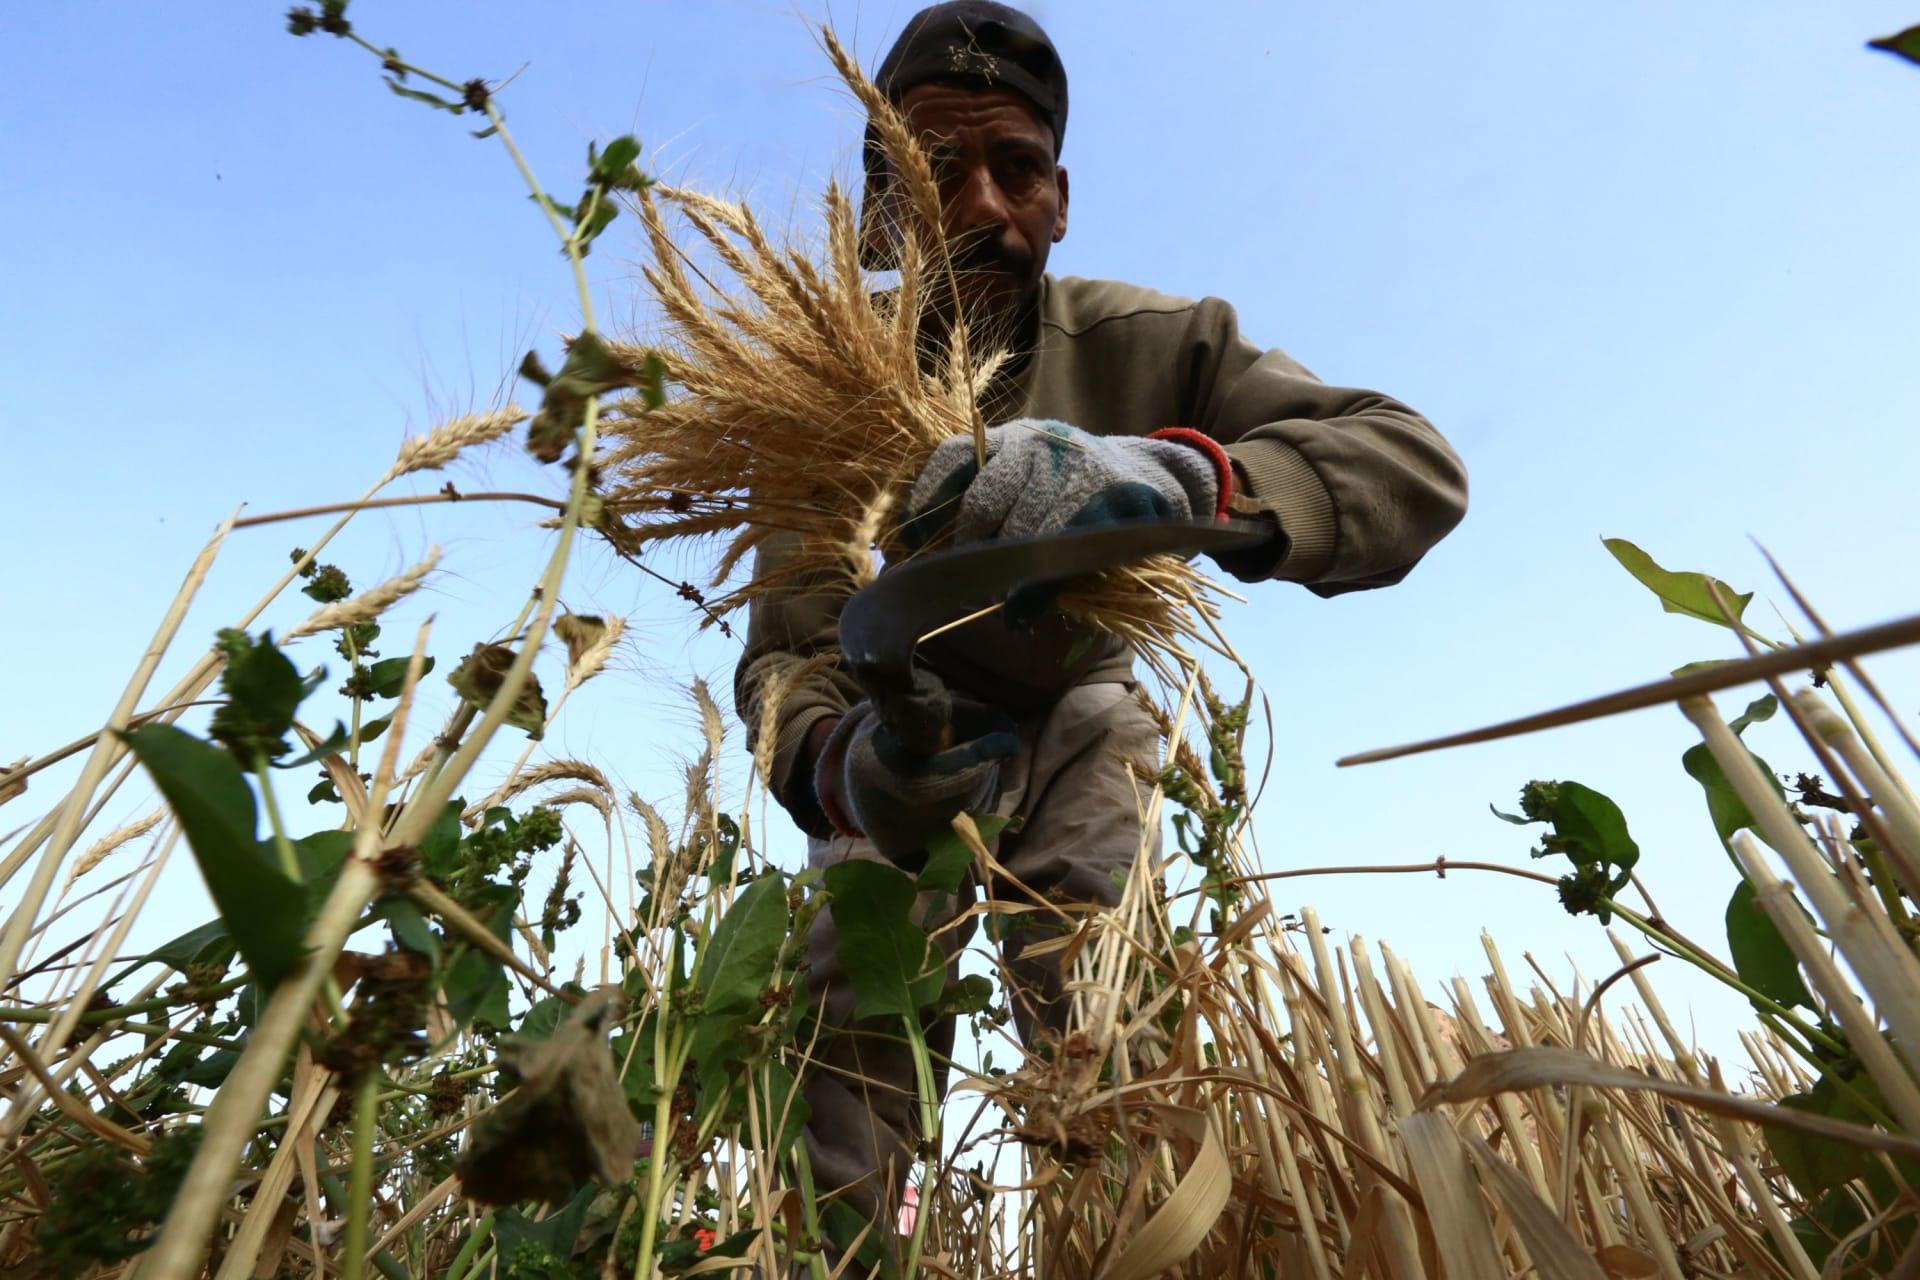 80% من الغذاء مستورد خليجيا.. هل تنجح تكنولوجيا الزراعة في تقليل الفجوة؟